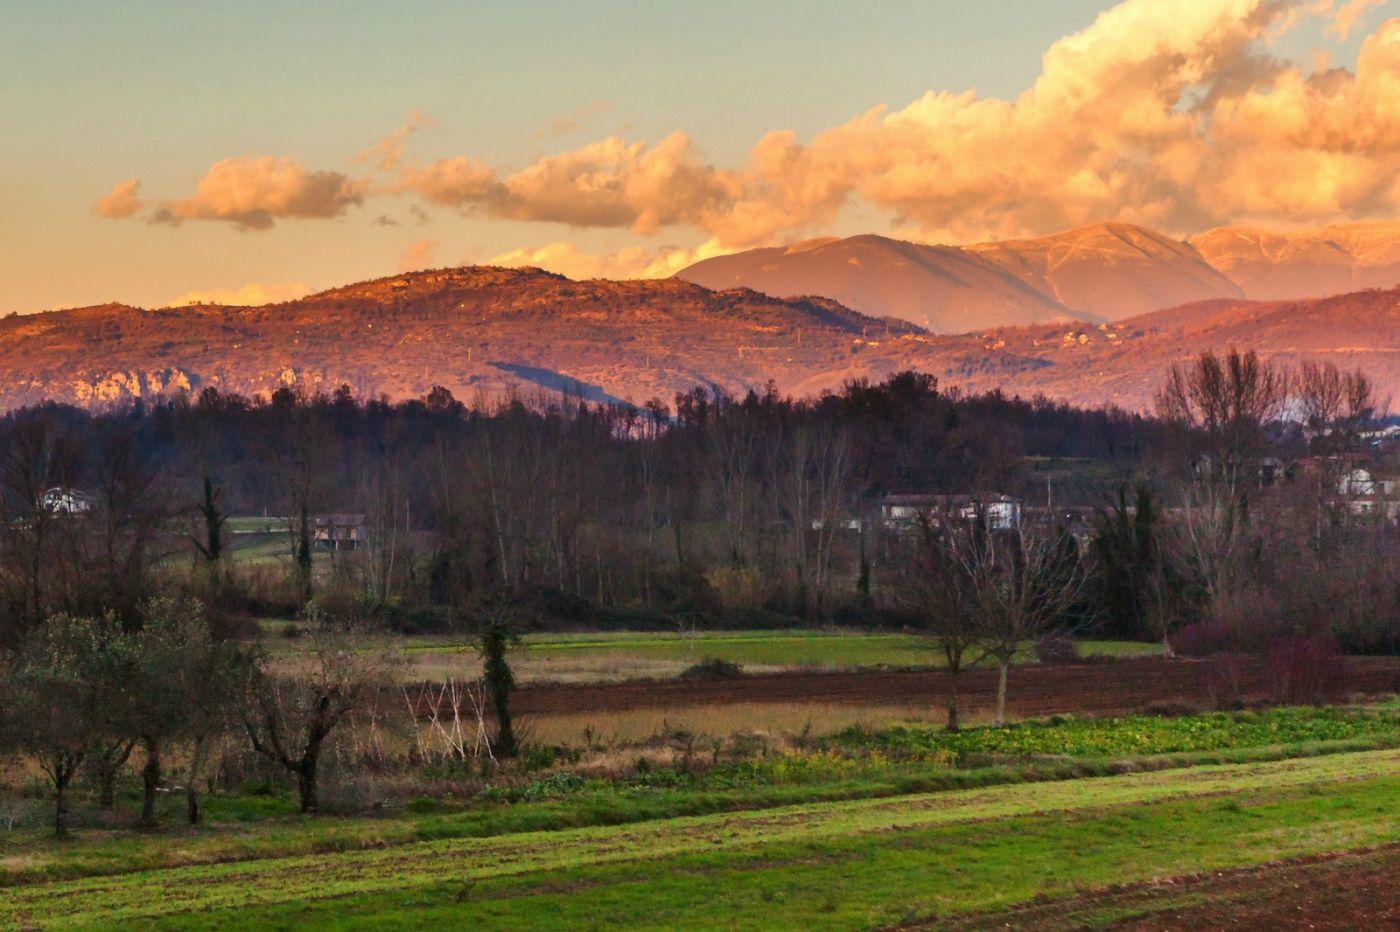 意大利路途,黄昏时的乡村_图1-32